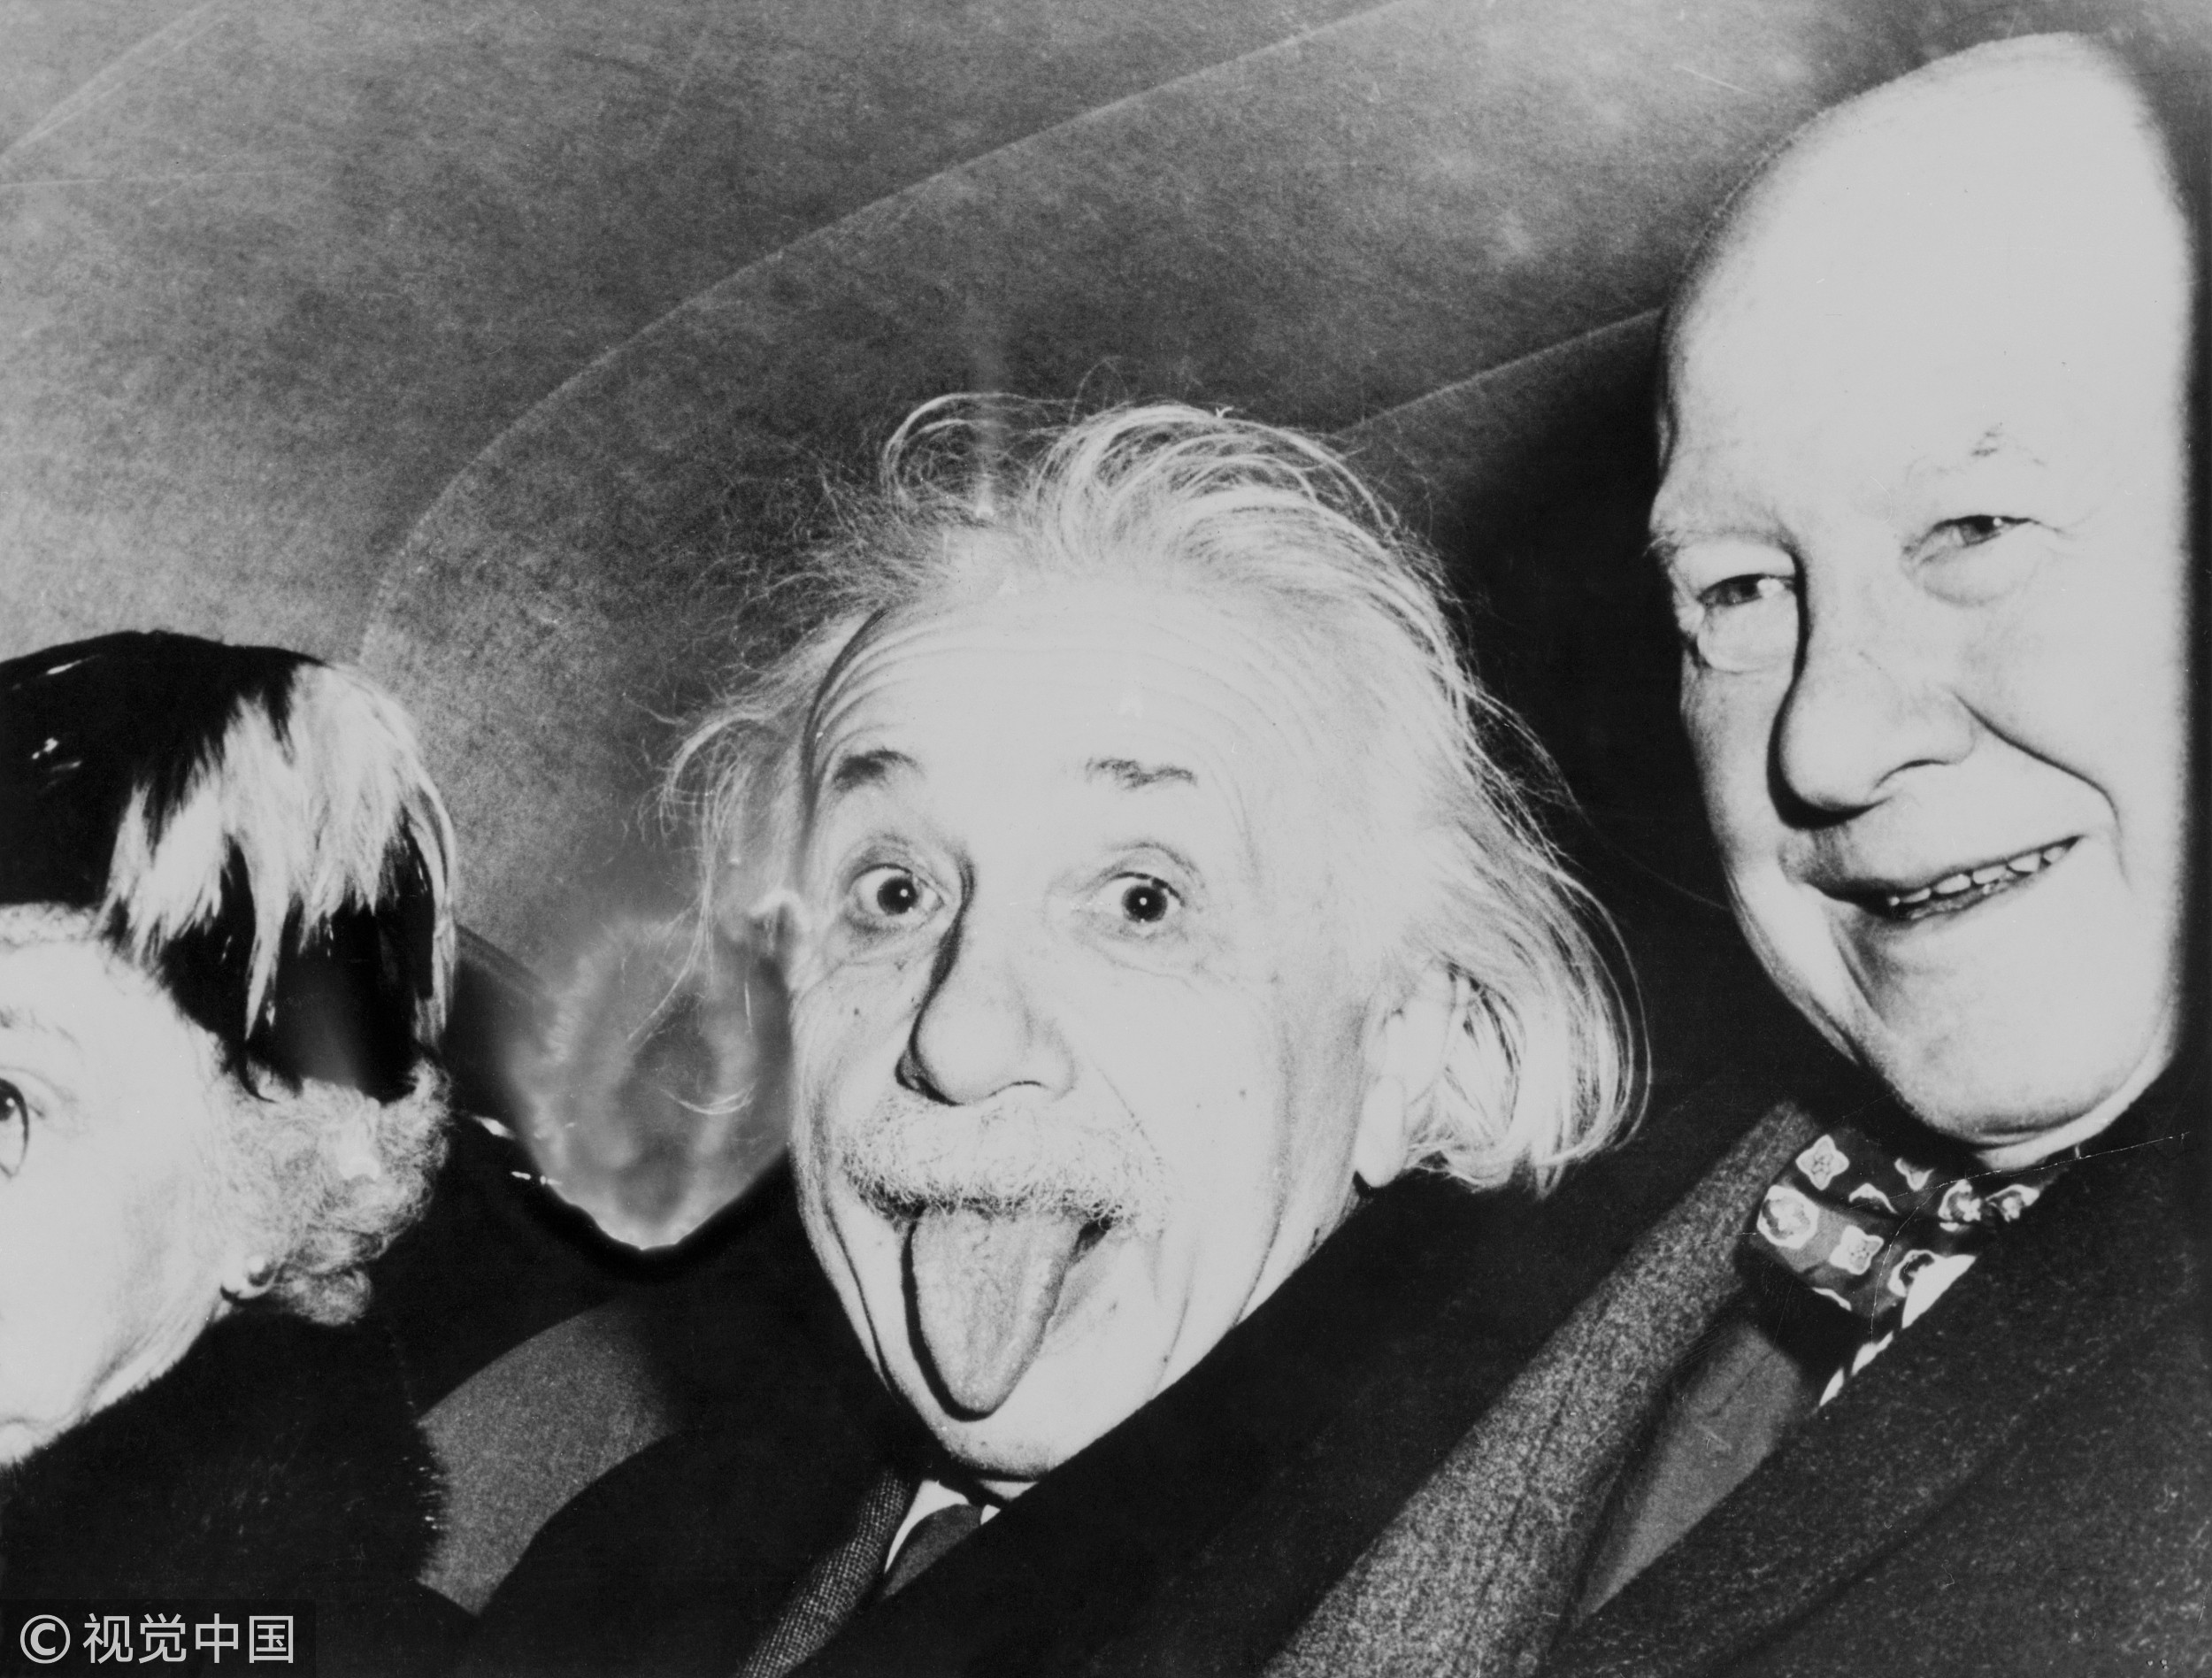 ▲▼「世紀天才」愛因斯坦過72歲生日時,攝影師請他笑一個,結果他卻調皮地對鏡頭吐舌頭。(圖/CFP)